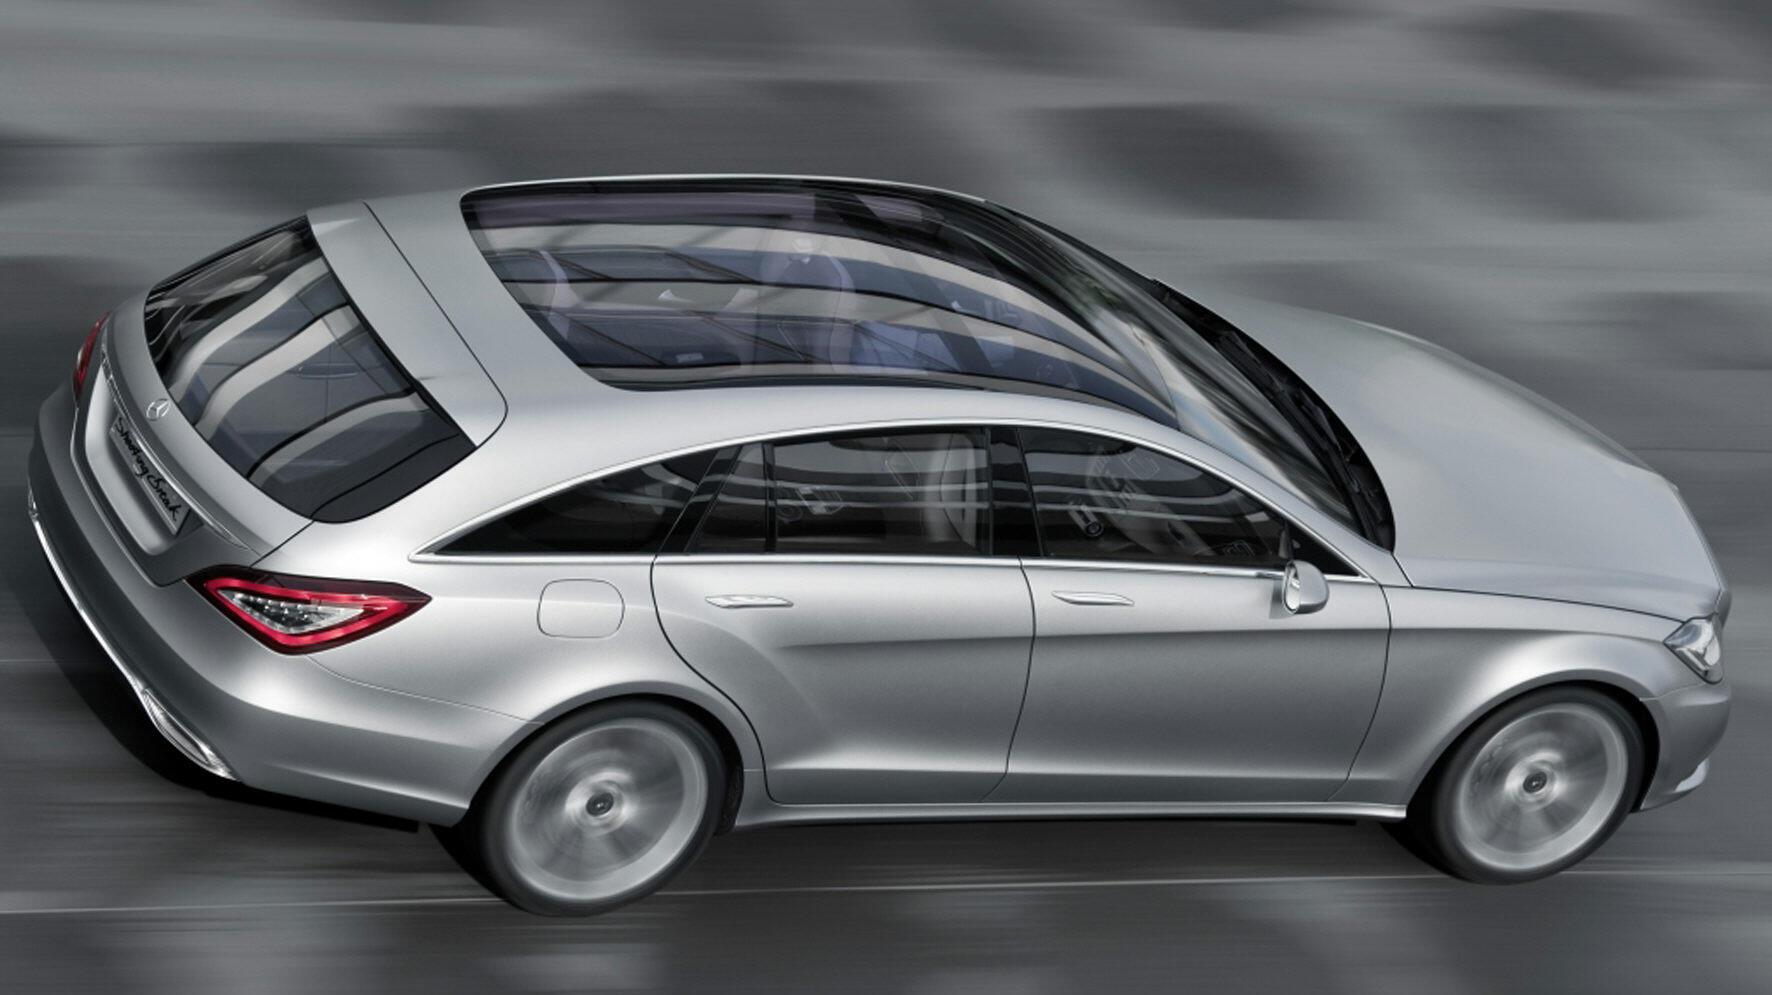 Pilotprojekte F 252 R Online Shops Auch Daimler Will Auf